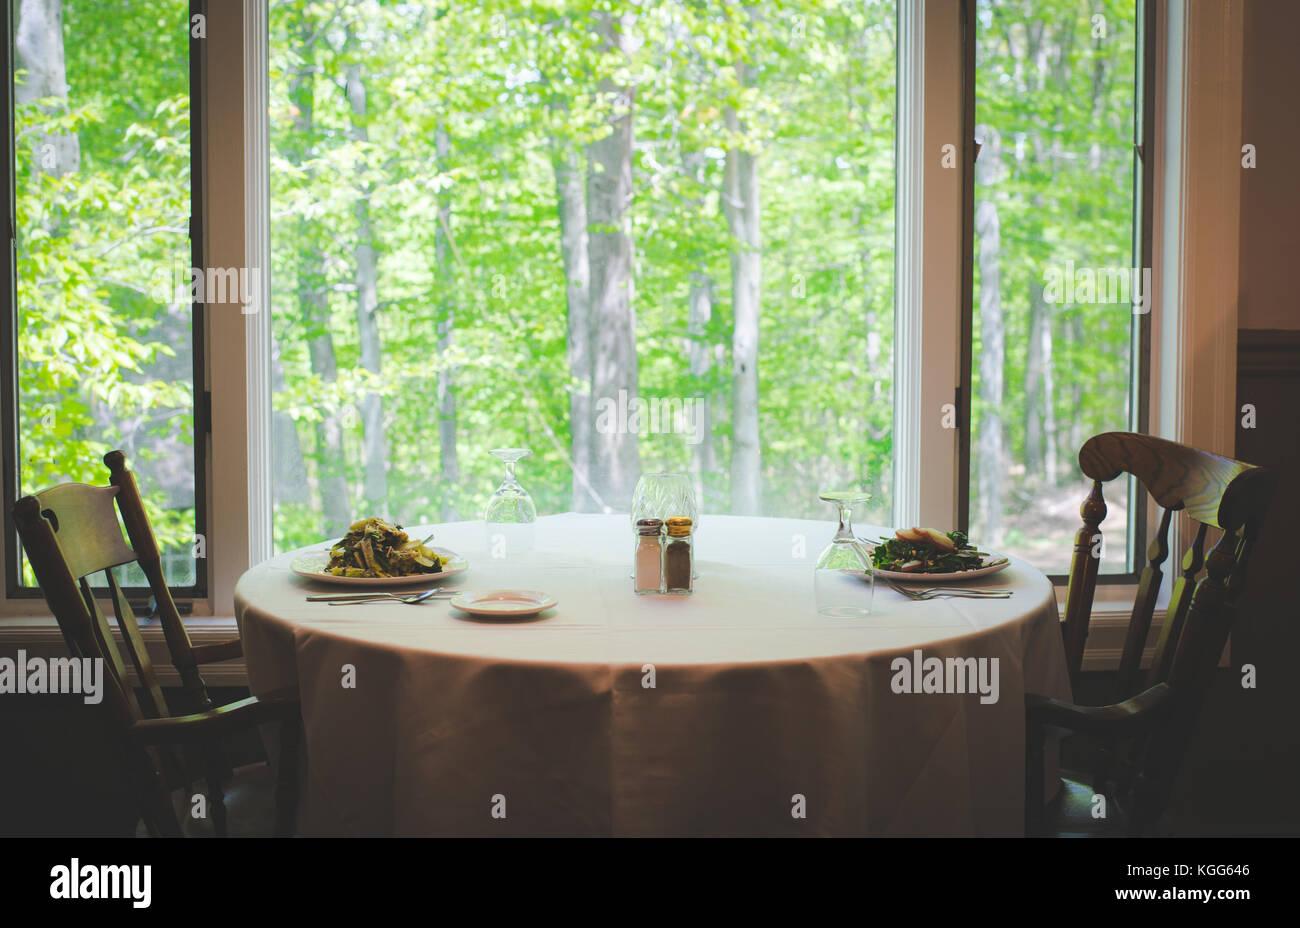 Eine Tabelle besteht in einem Restaurant in den Vereinigten Staaten Stockbild